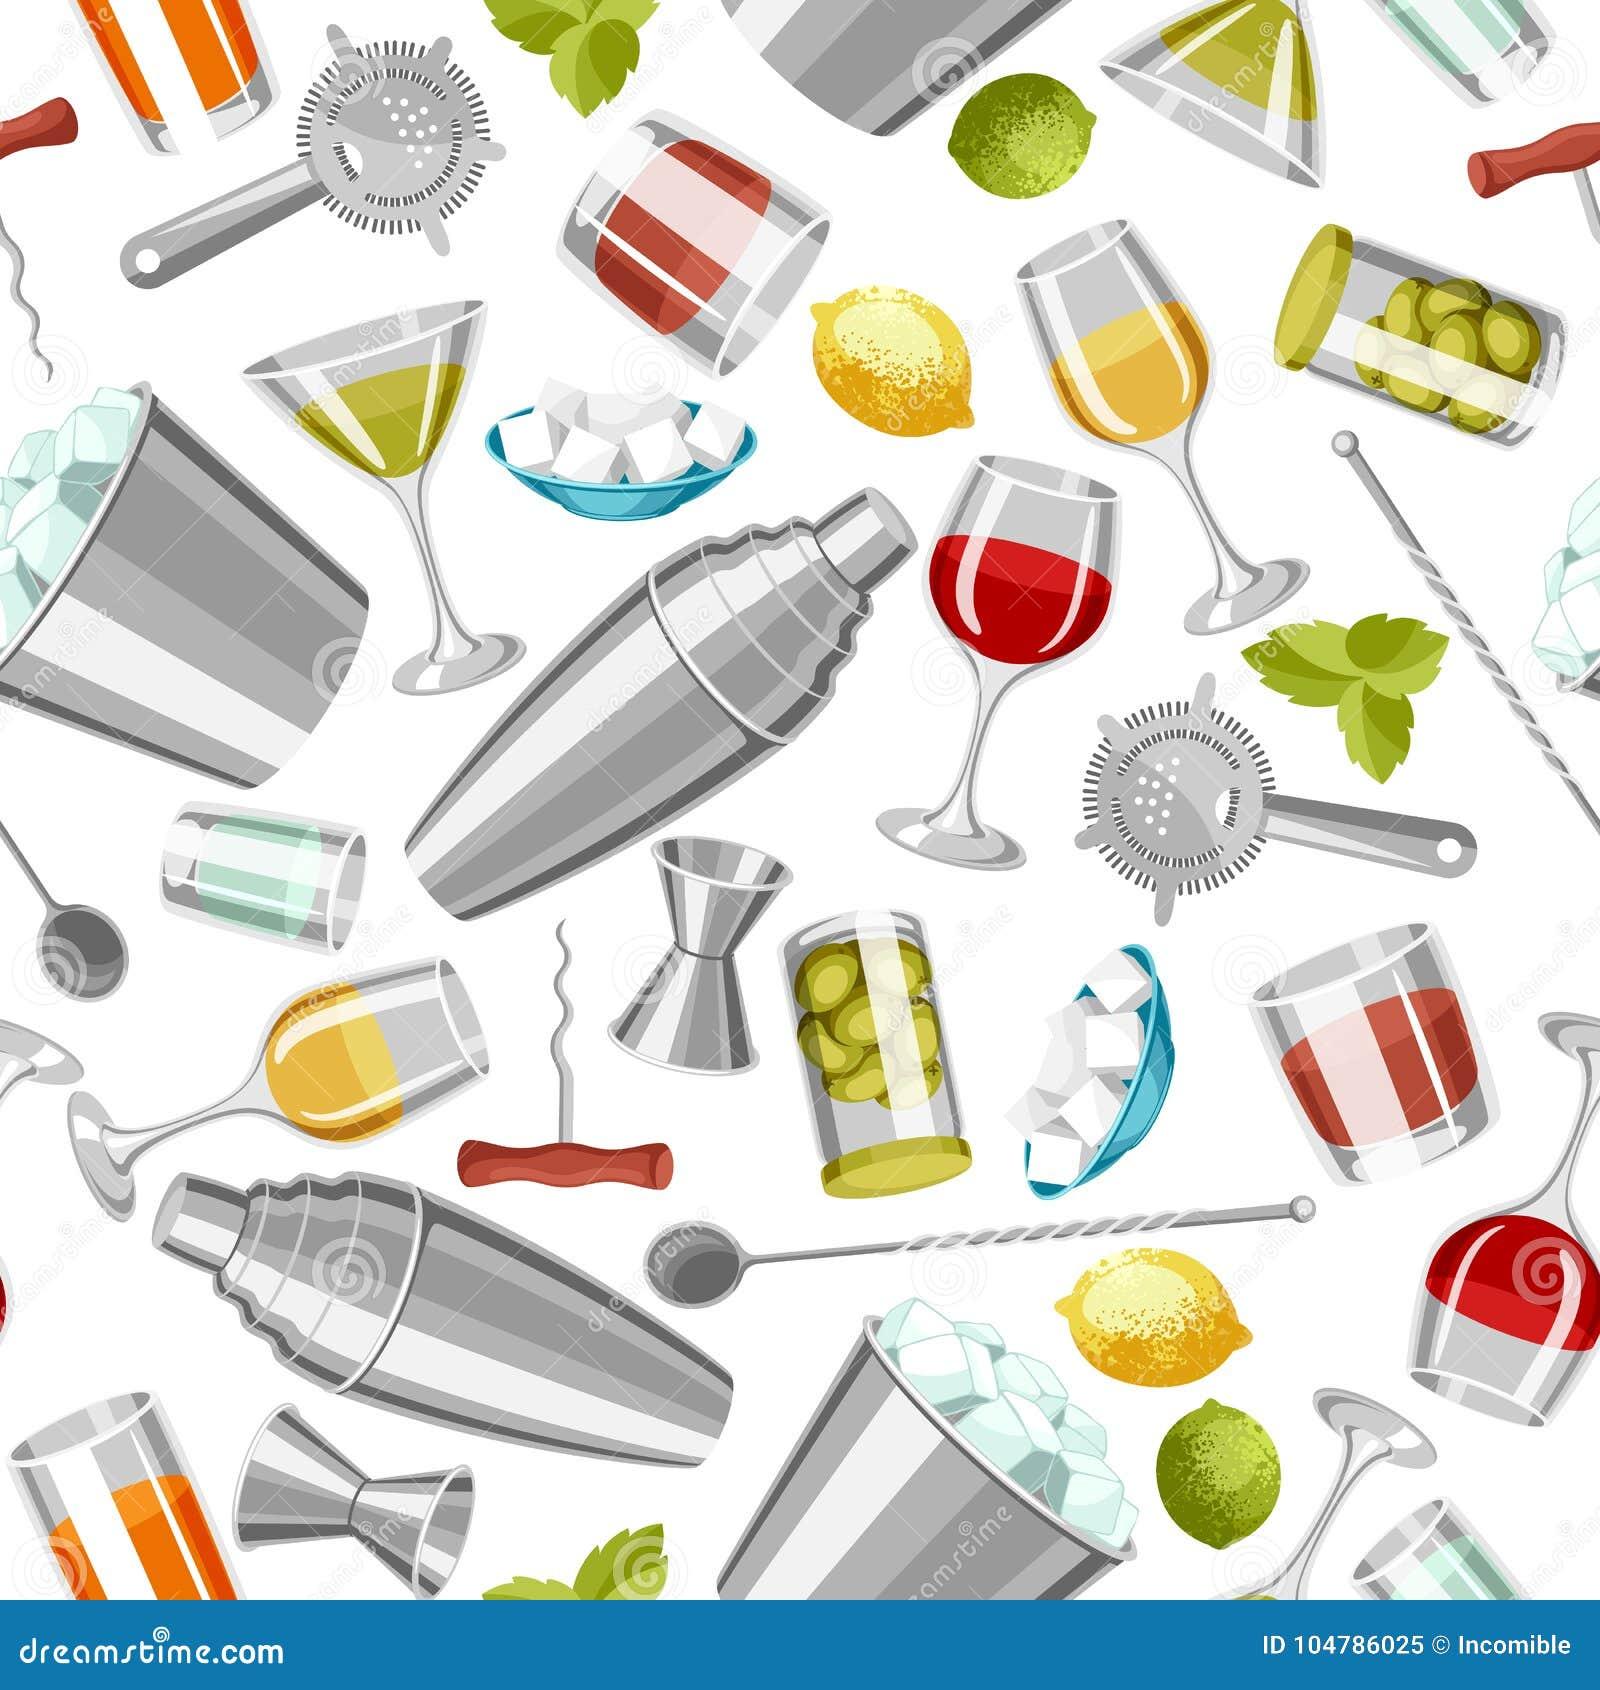 鸡尾酒酒吧无缝的样式 根本工具,玻璃器皿,搅拌器和装饰